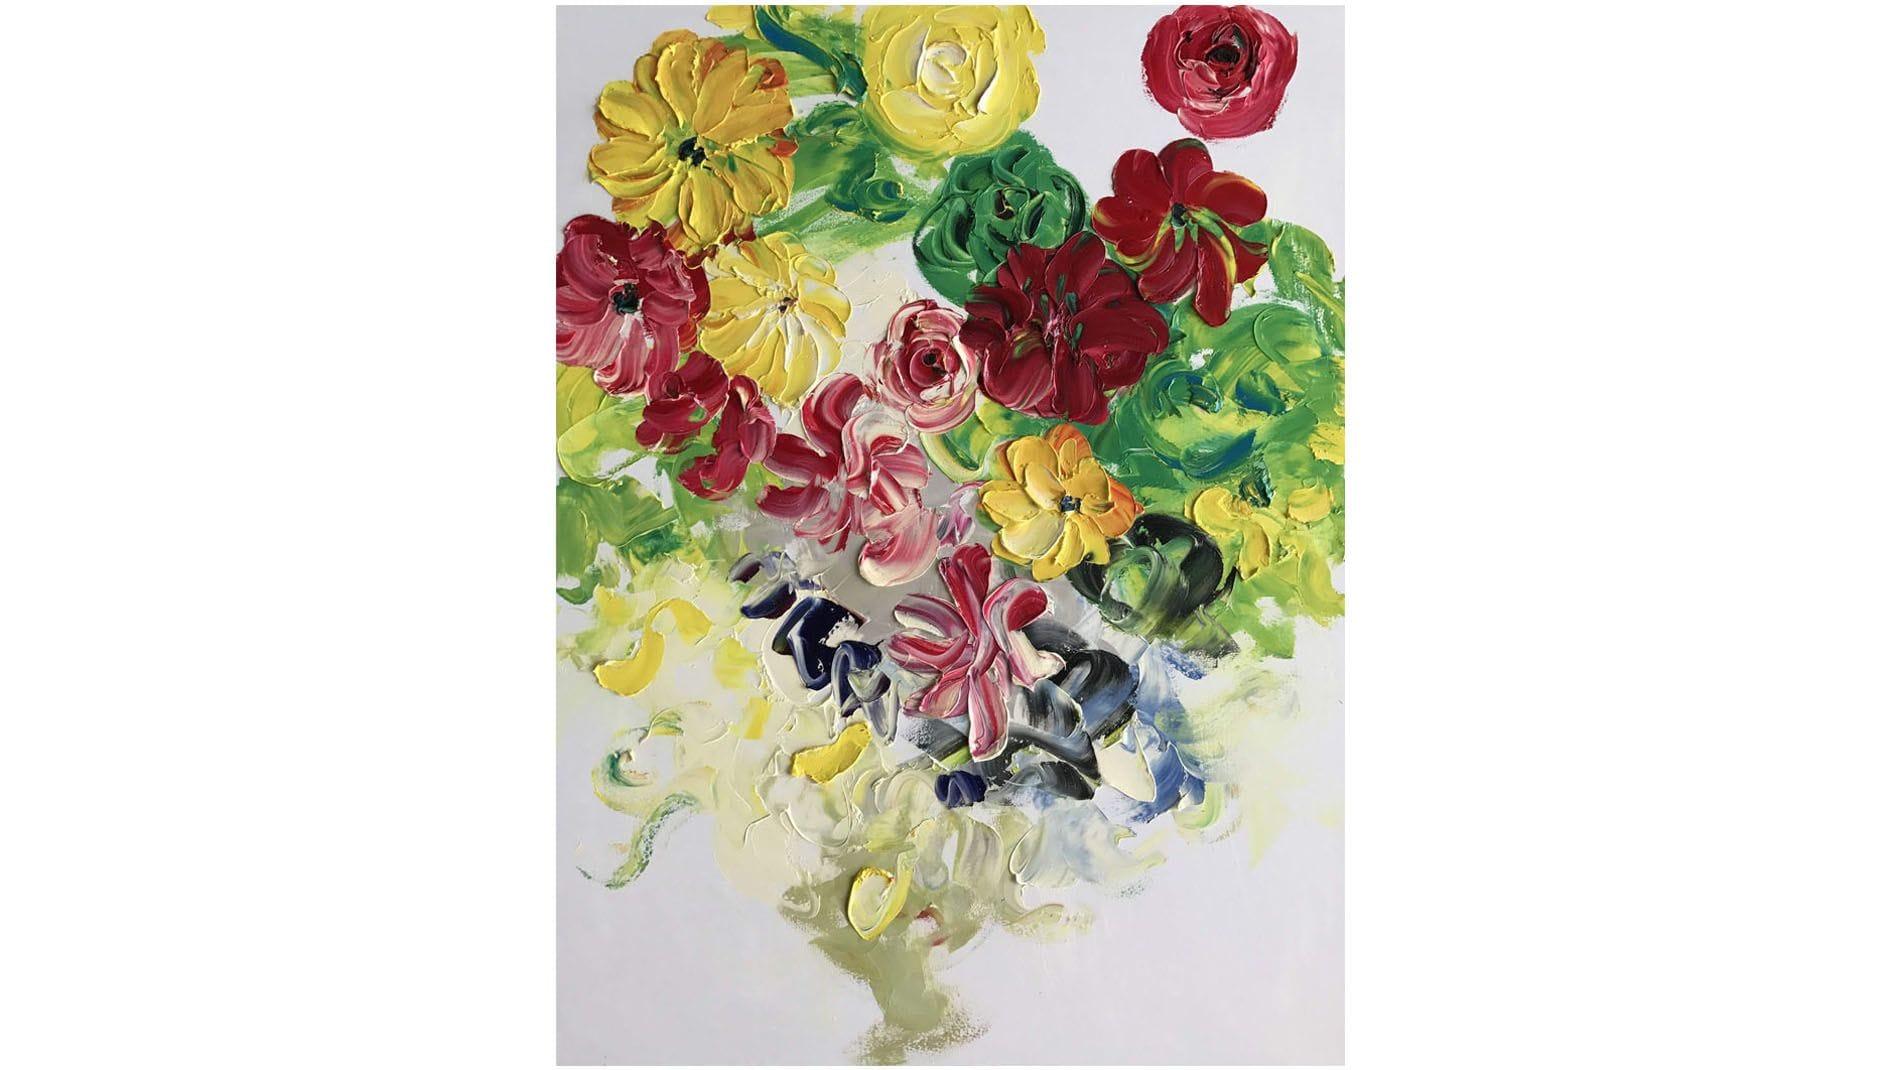 КАРТИНА МАСЛОМ Разноцветные Лилии 90*120 см.